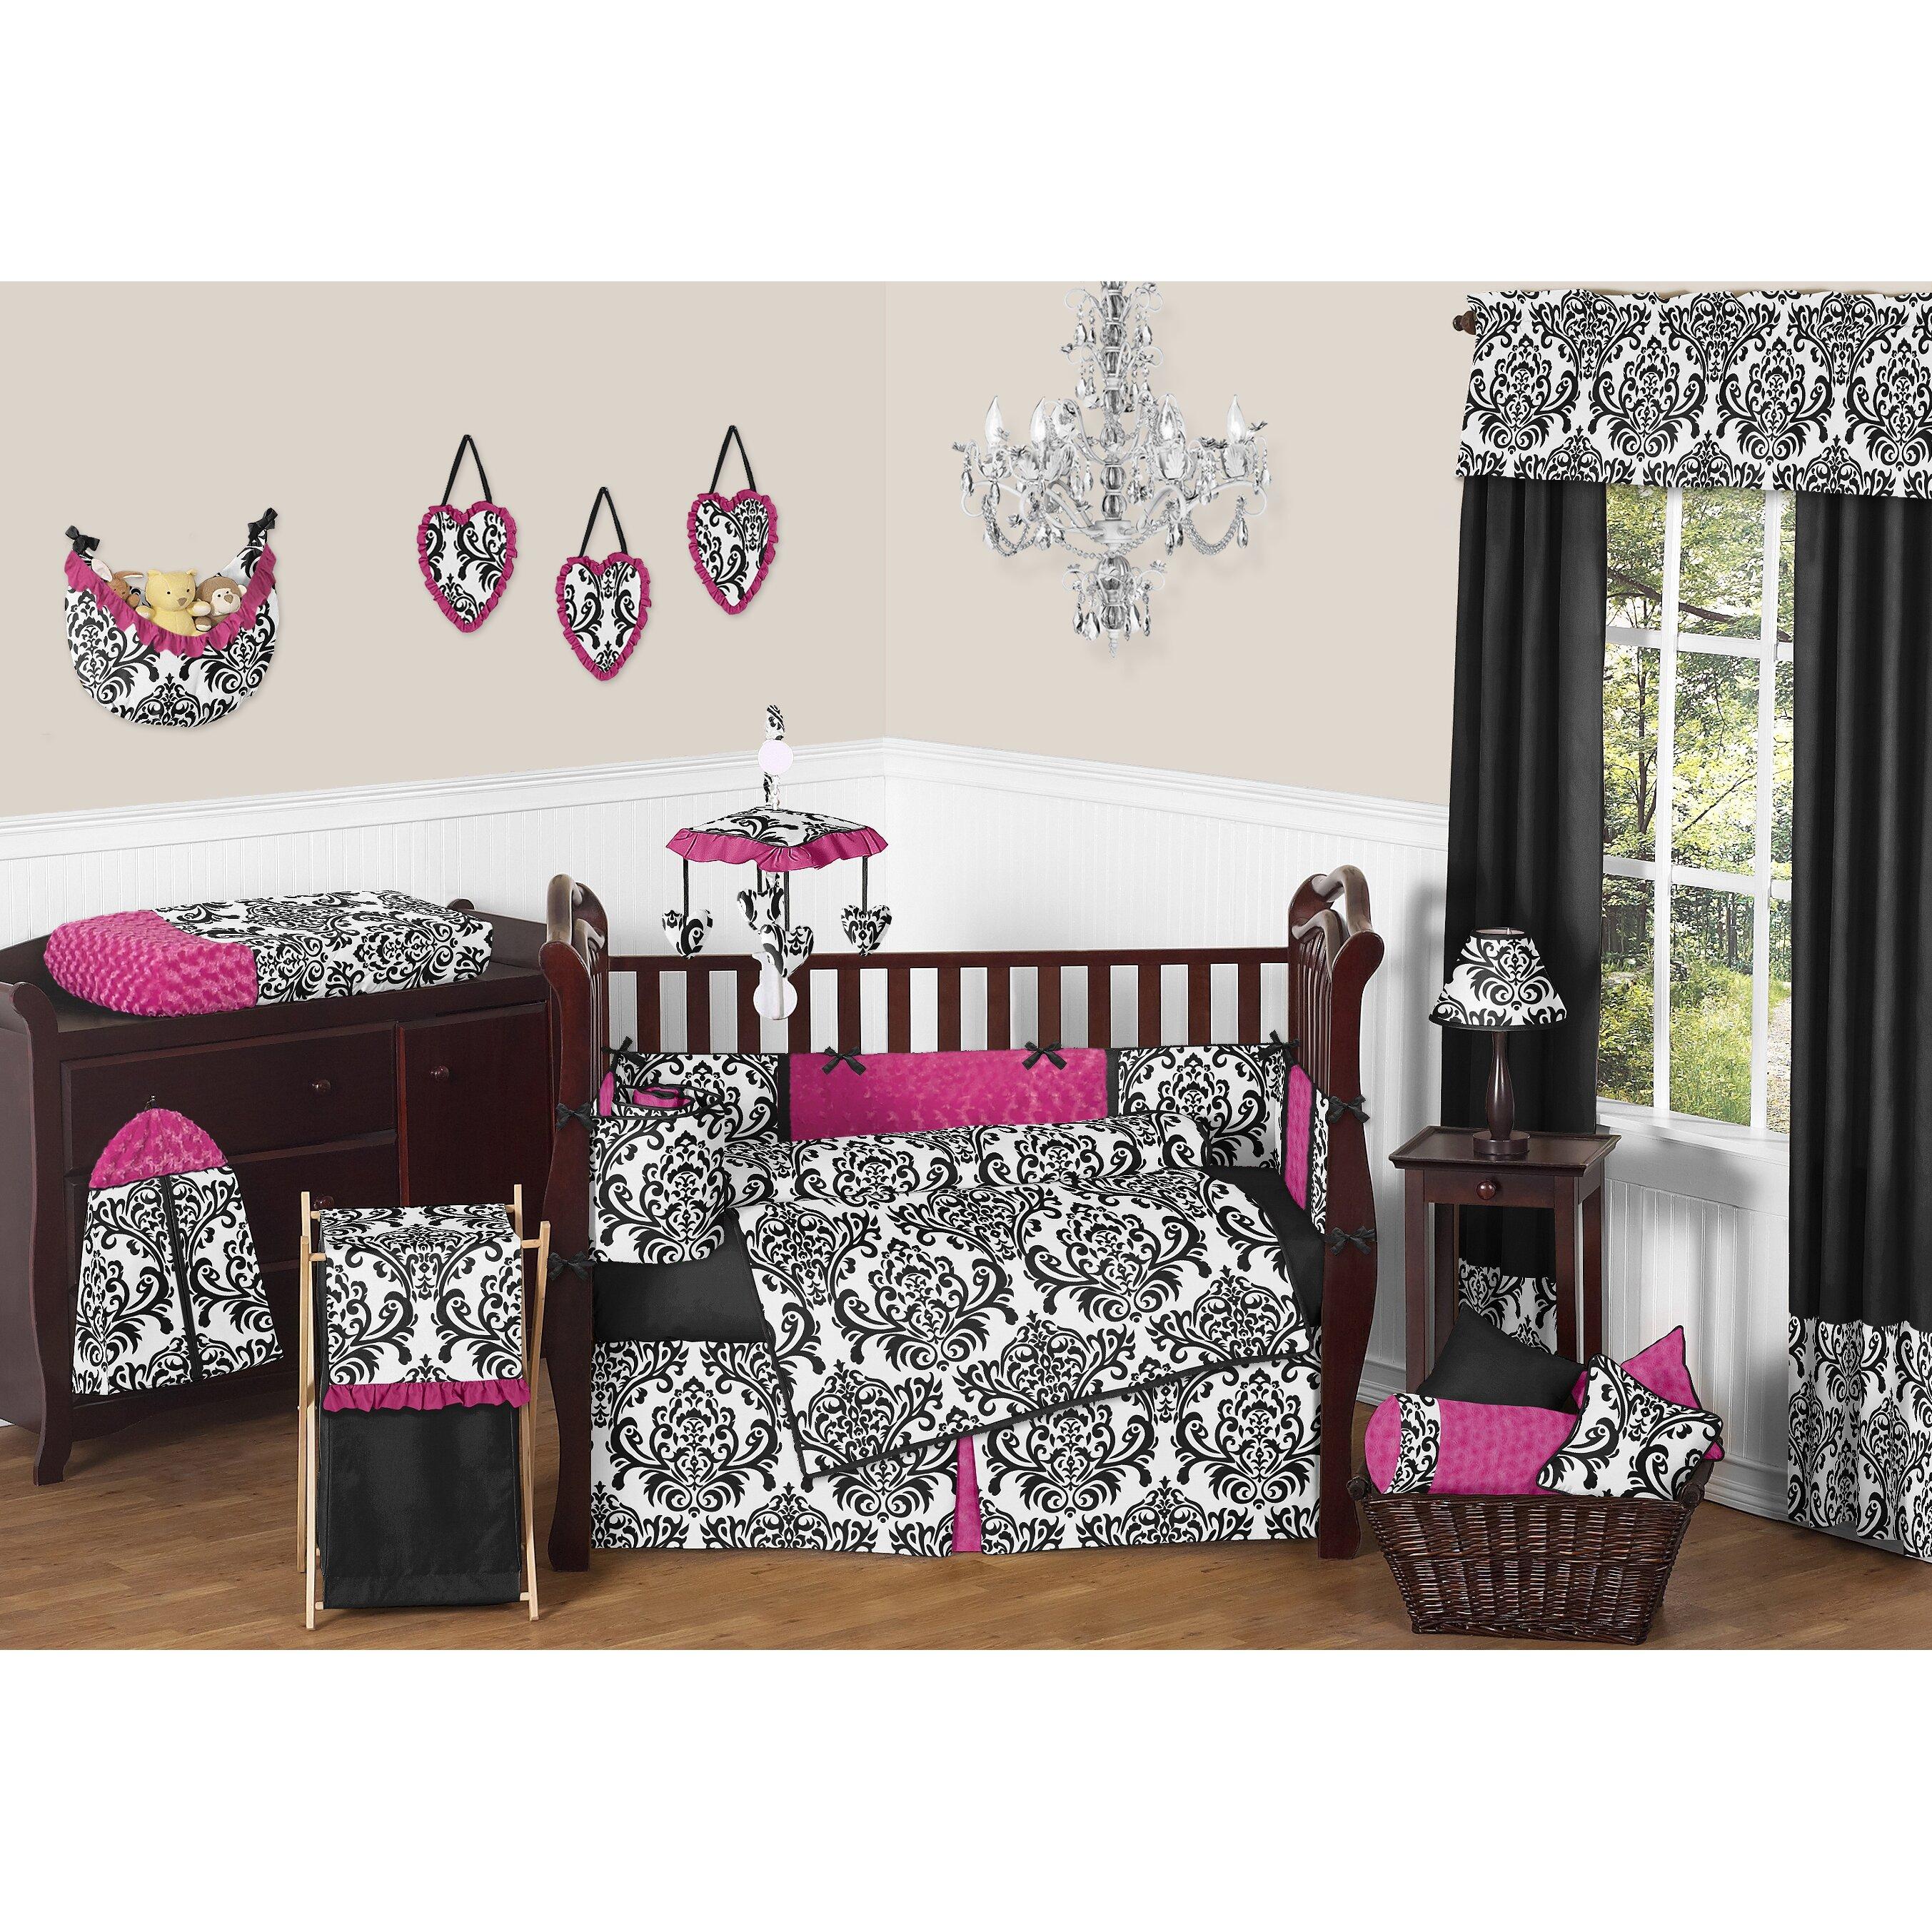 Jojo Isabella Crib Bedding